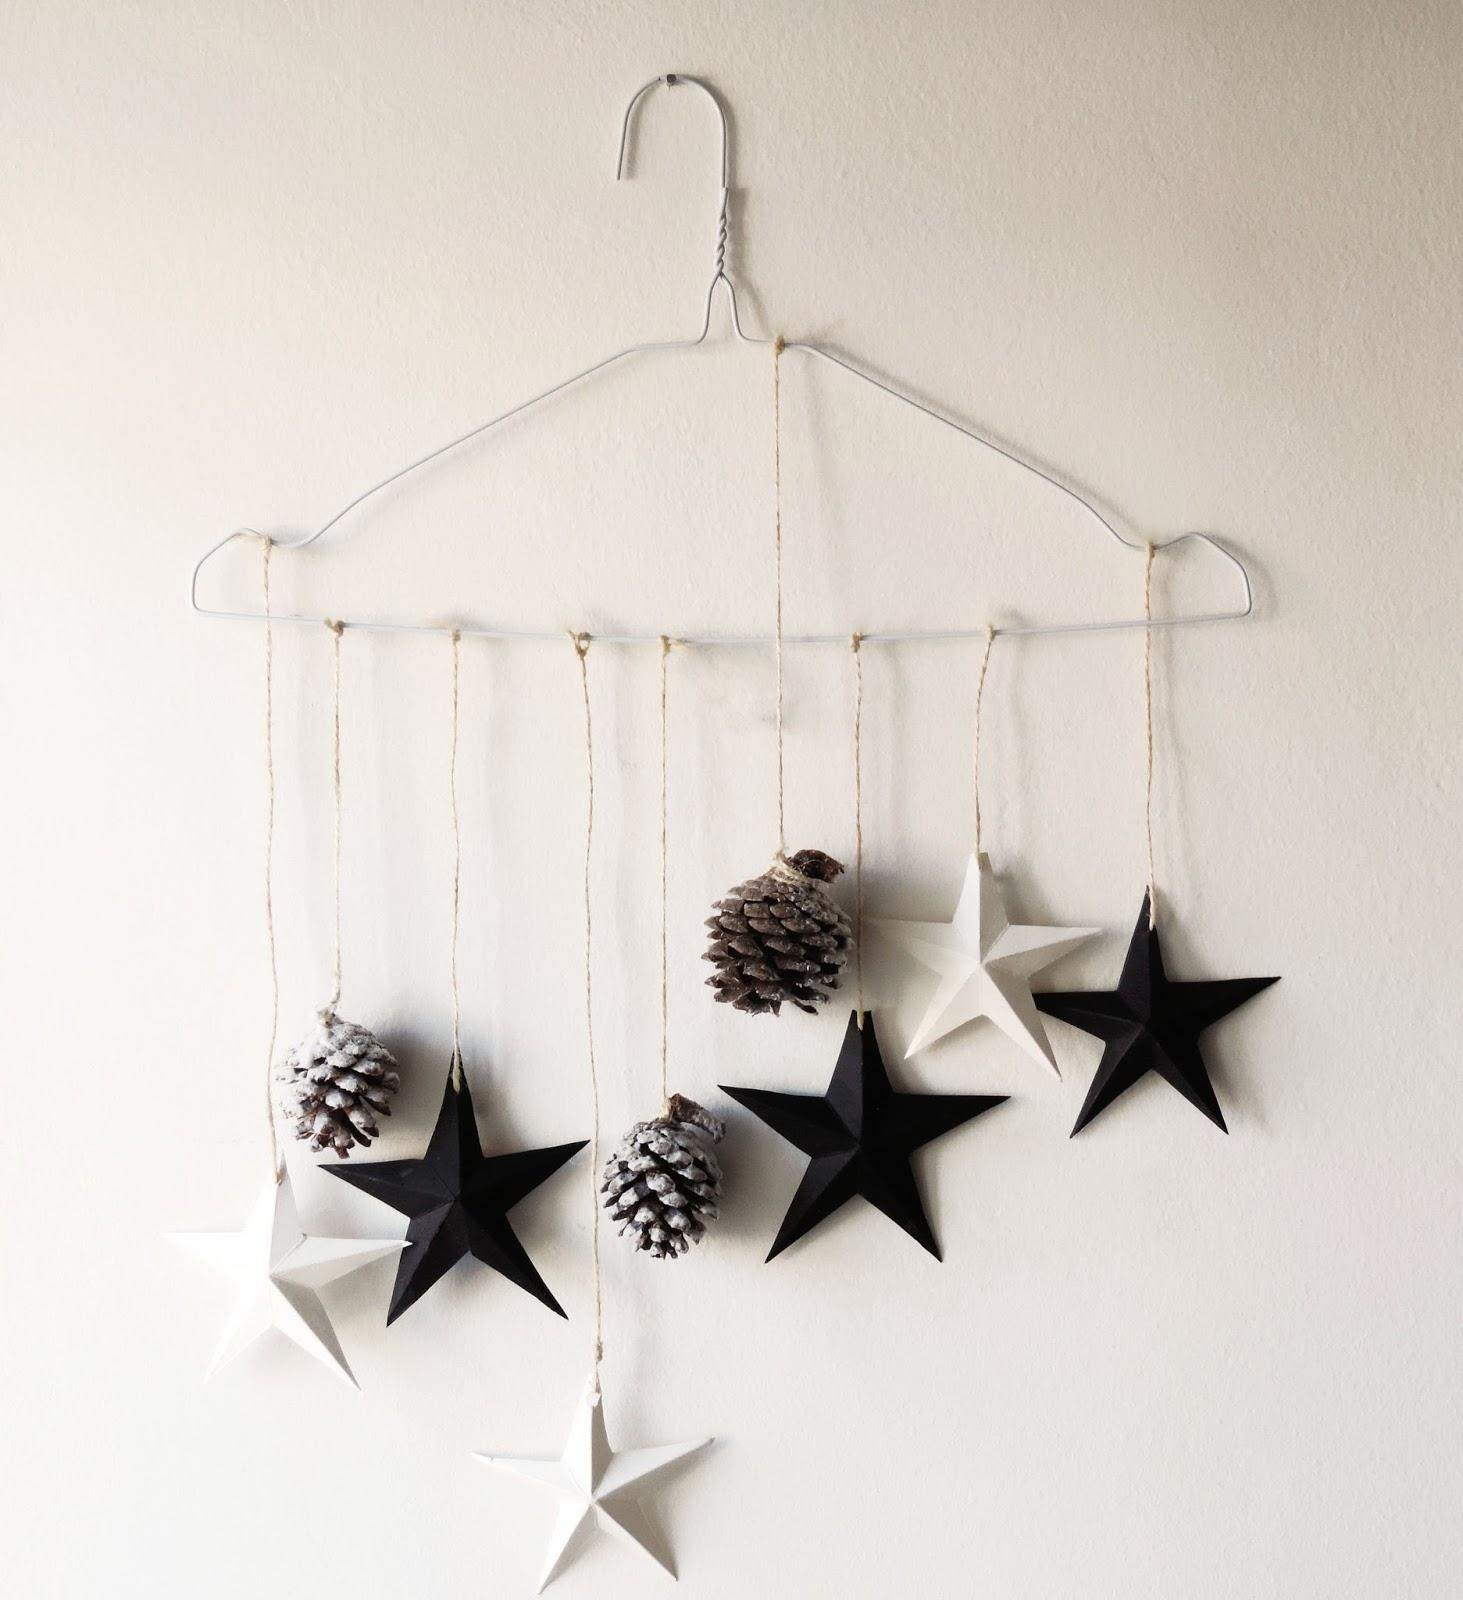 Decorazioni Natalizie Low Cost le decorazioni natalizie low cost